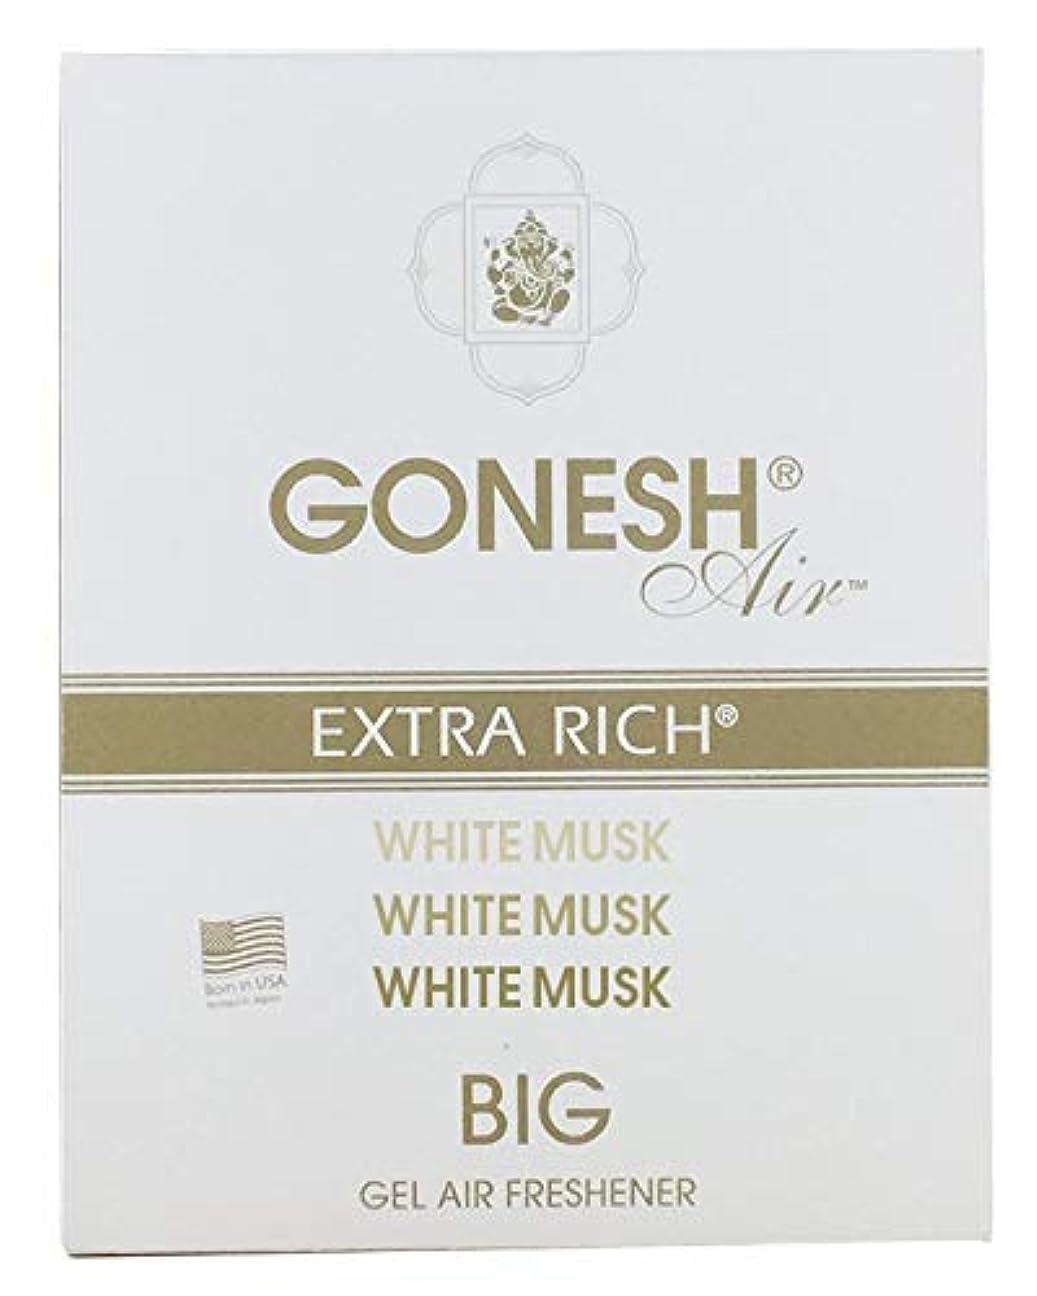 アッパー細心の微視的GONESH ビッグゲルエアフレシュナー ホワイトムスク